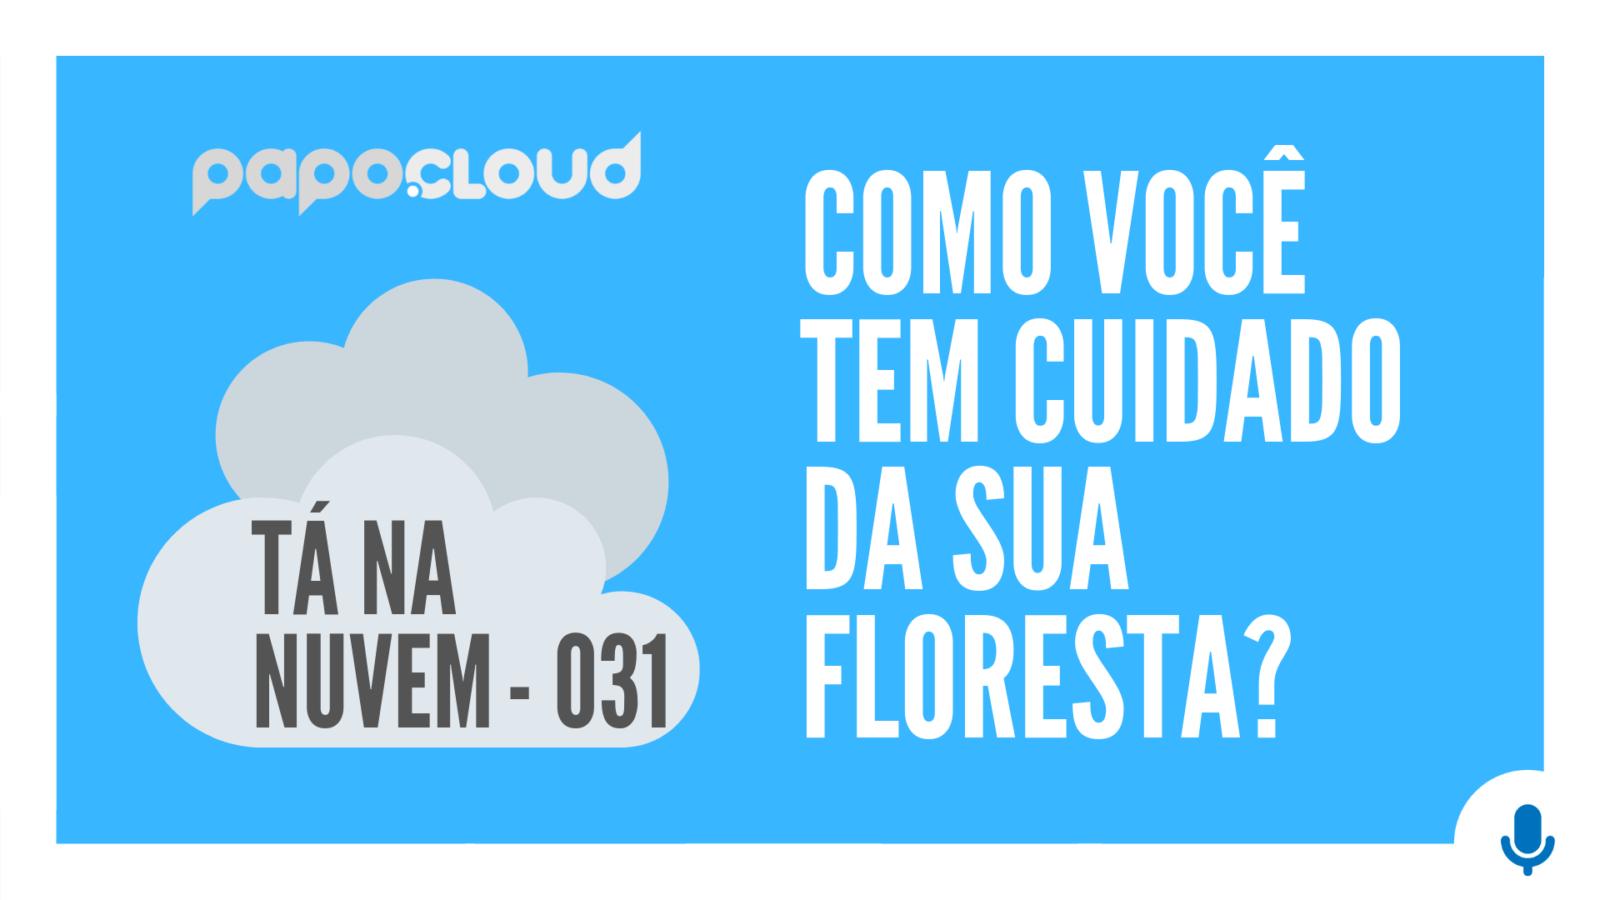 Papo Cloud episódio Tá Na Nuvem 031 - Como você tem cuidado da sua FLORESTA?